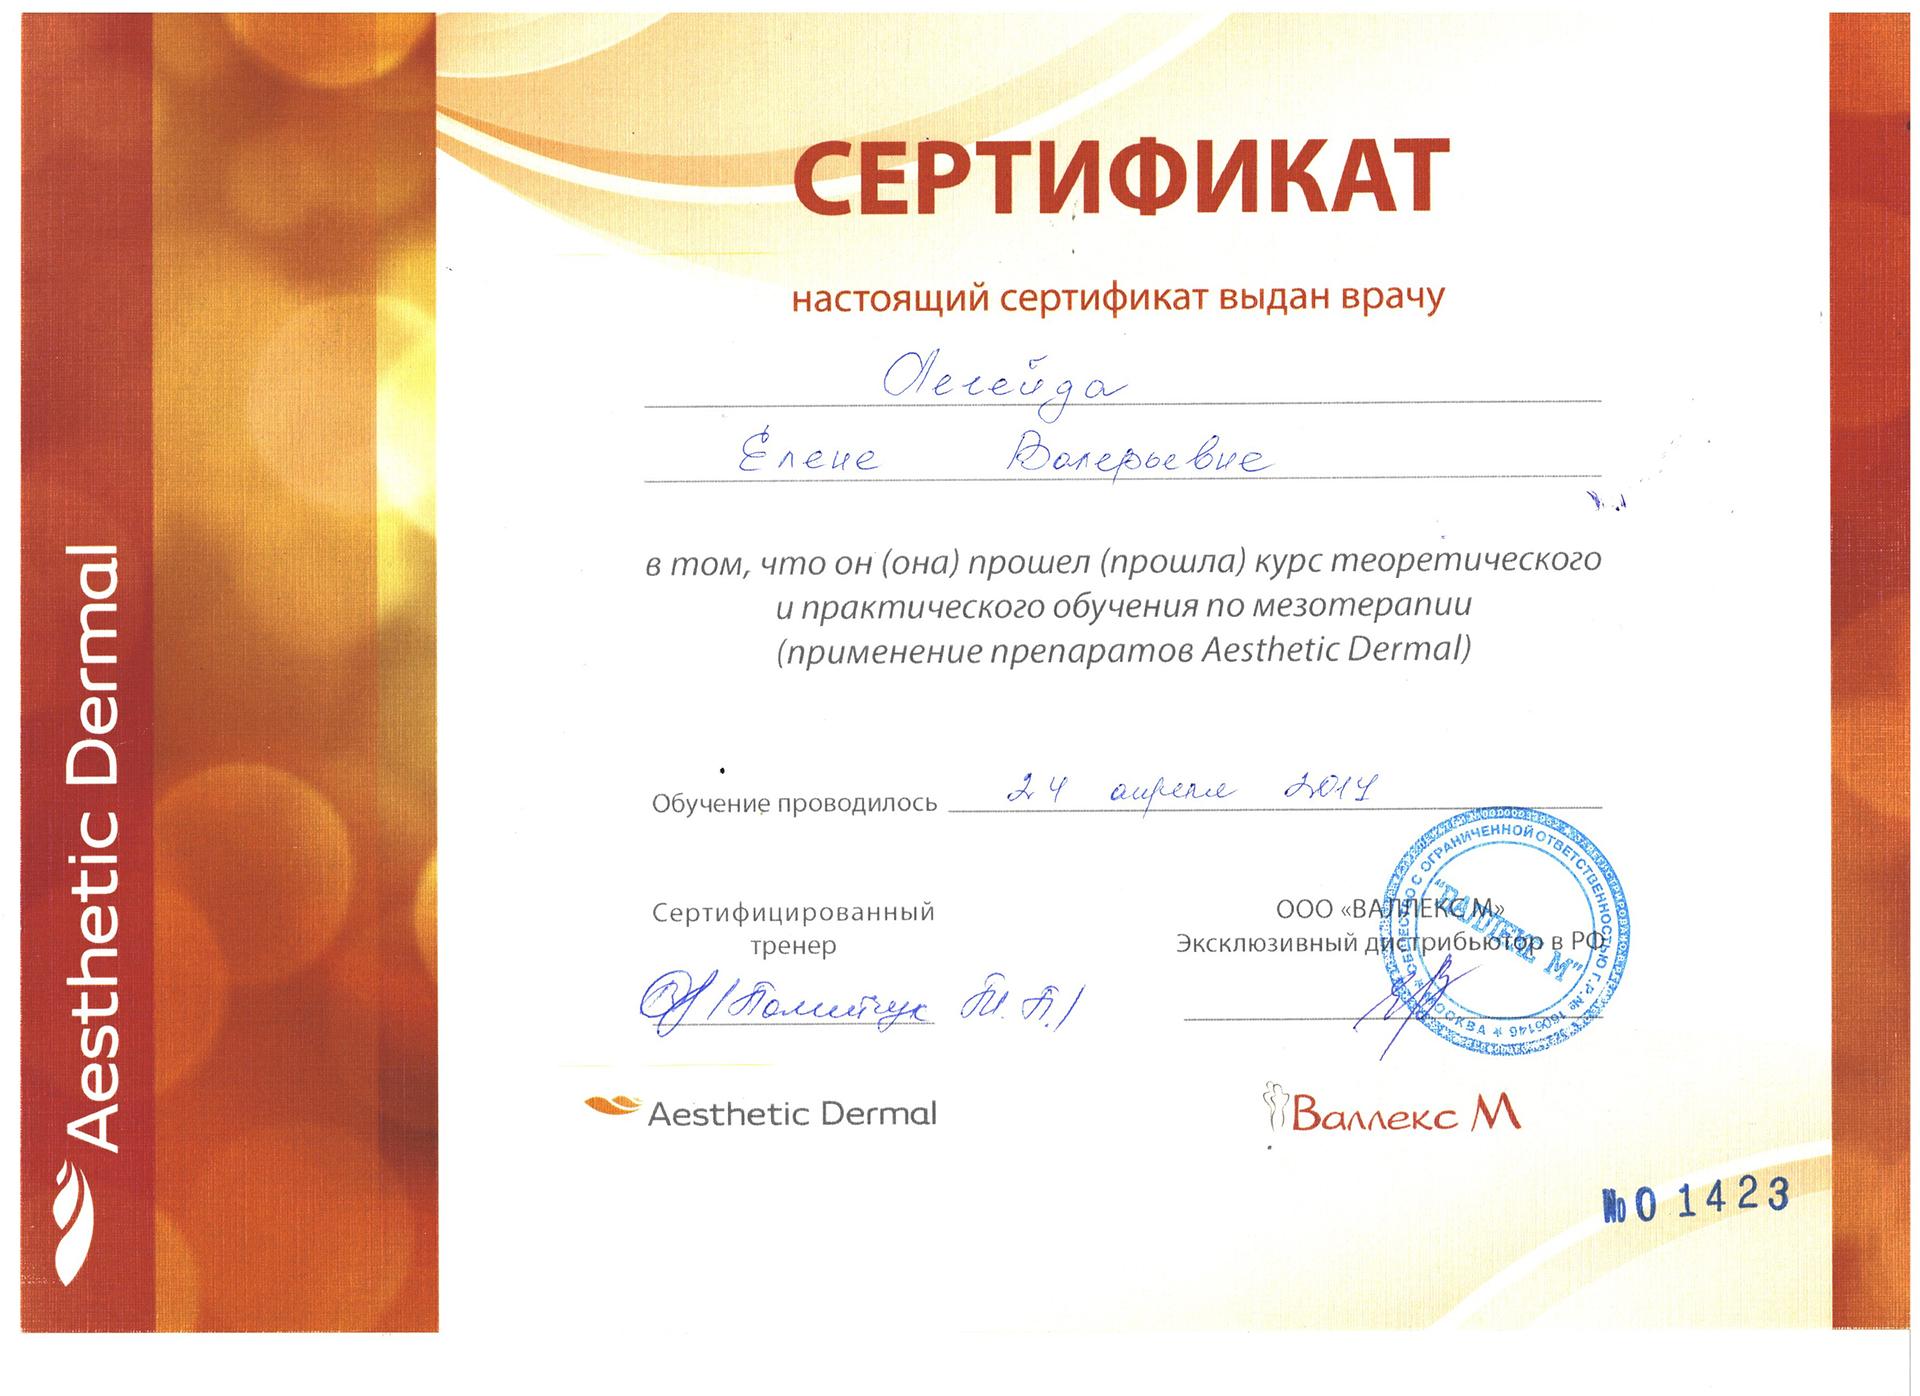 Сертификат — Применение препаратов Aesthetic Dermal. Легейда Елена Валерьевна